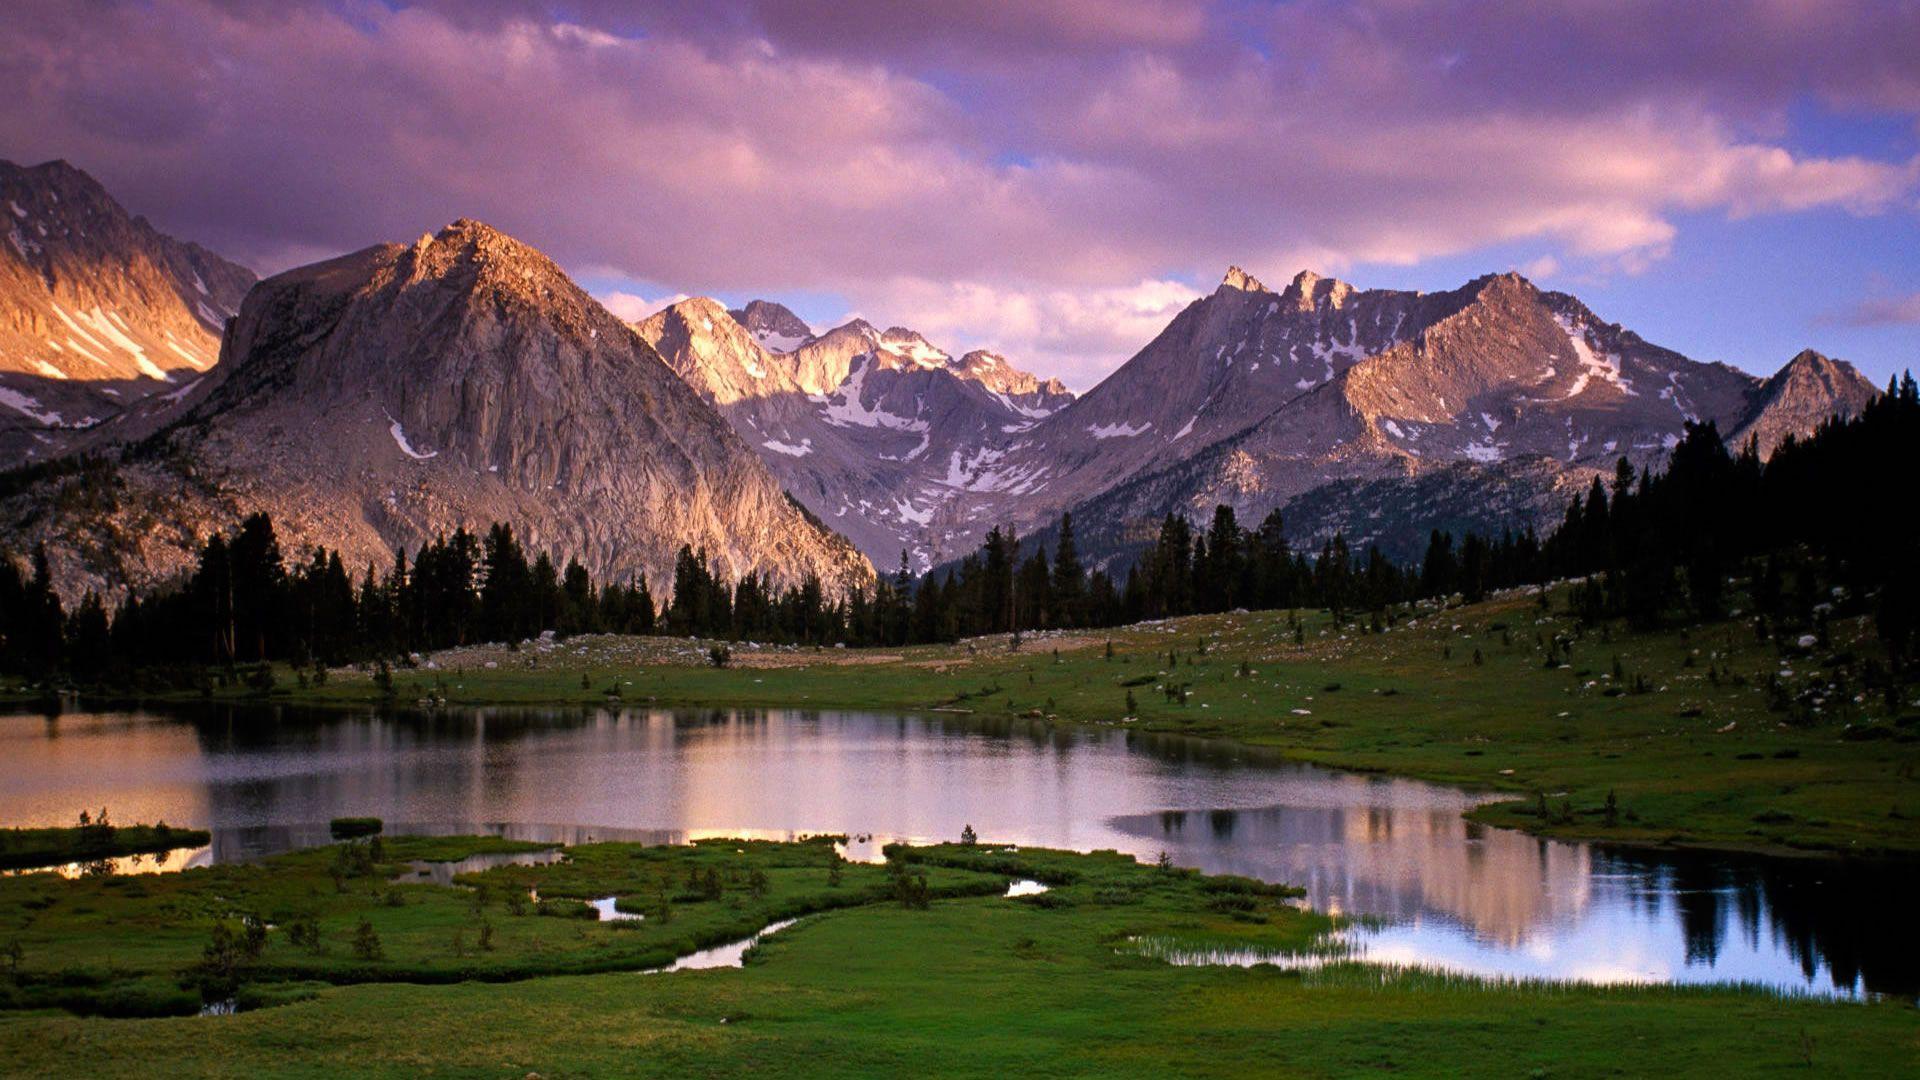 1920x1080 River And Mountain Wallpaper HD Hình nền